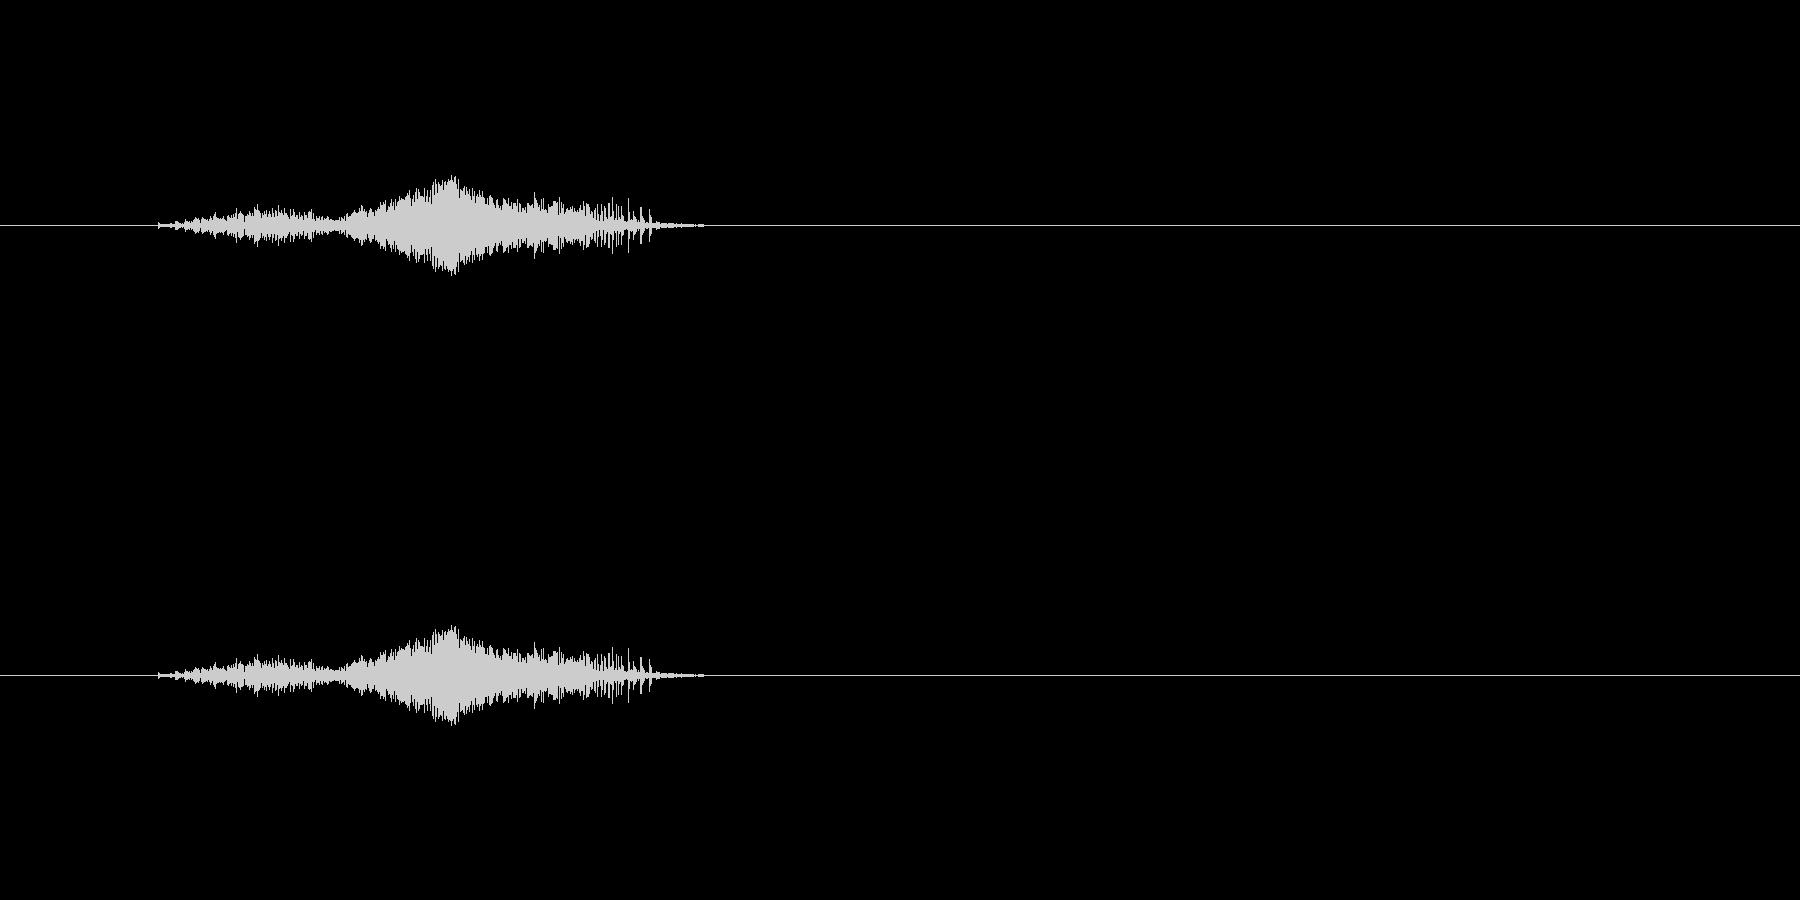 【筆箱02-1(開ける)】の未再生の波形